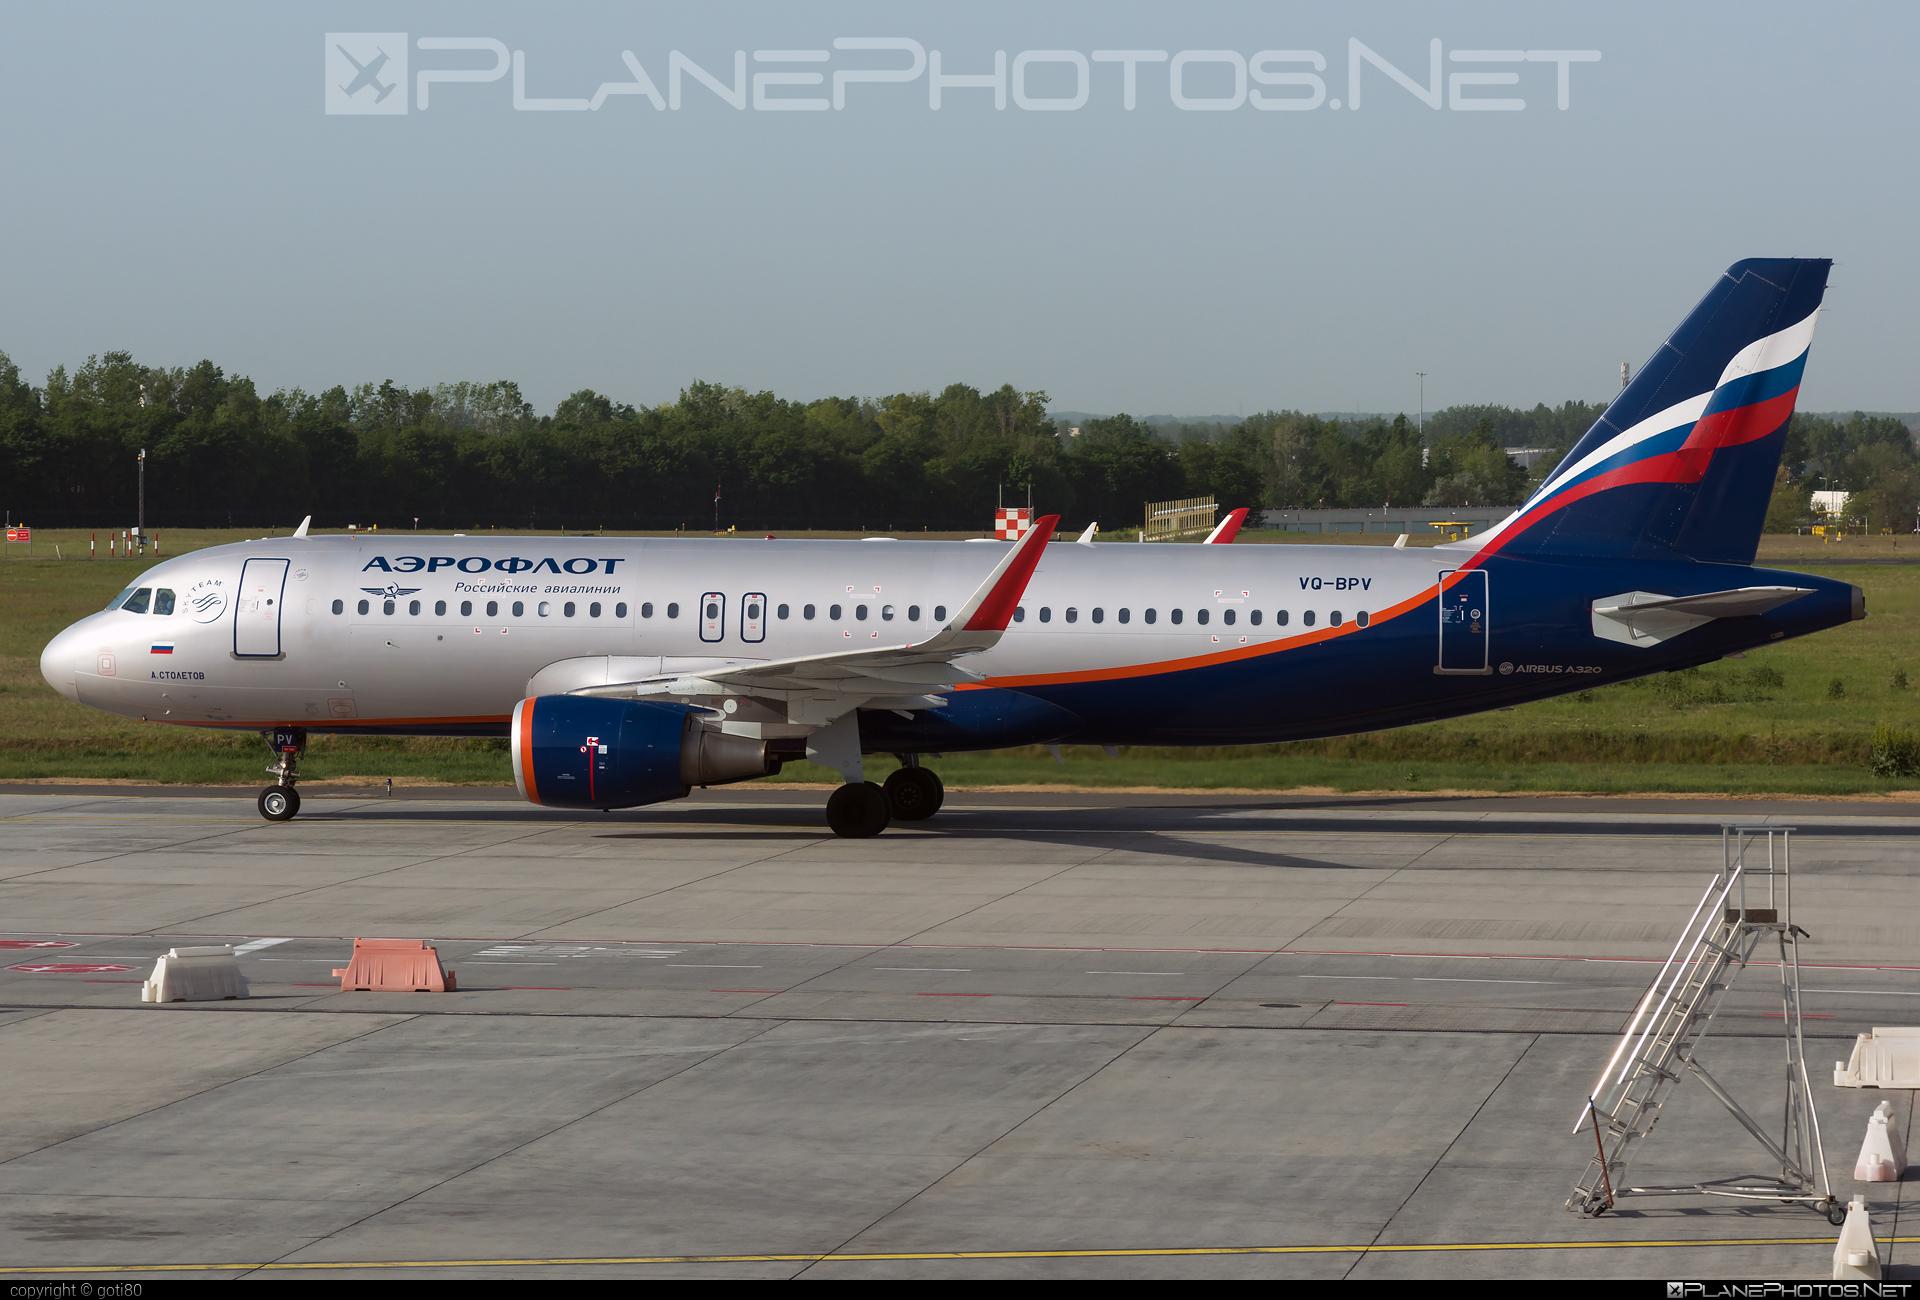 Airbus A320-214 - VQ-BPV operated by Aeroflot #a320 #a320family #aeroflot #airbus #airbus320